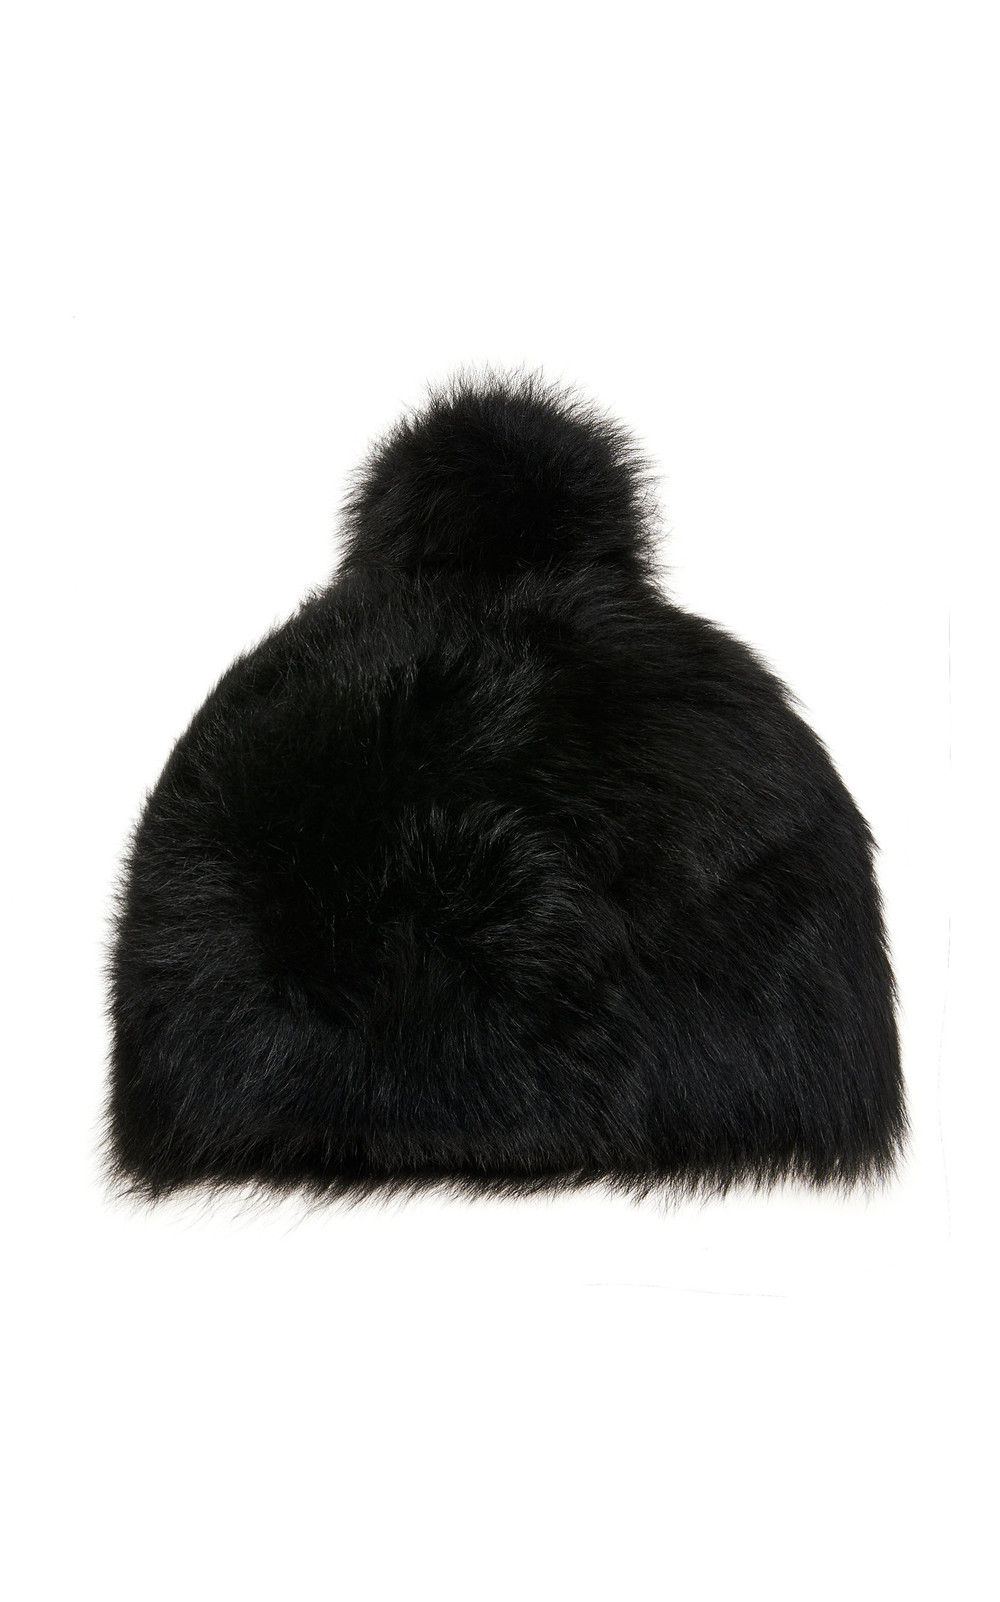 Bogner Sabia Pompom-Embellished Fur Hat Size: M in black